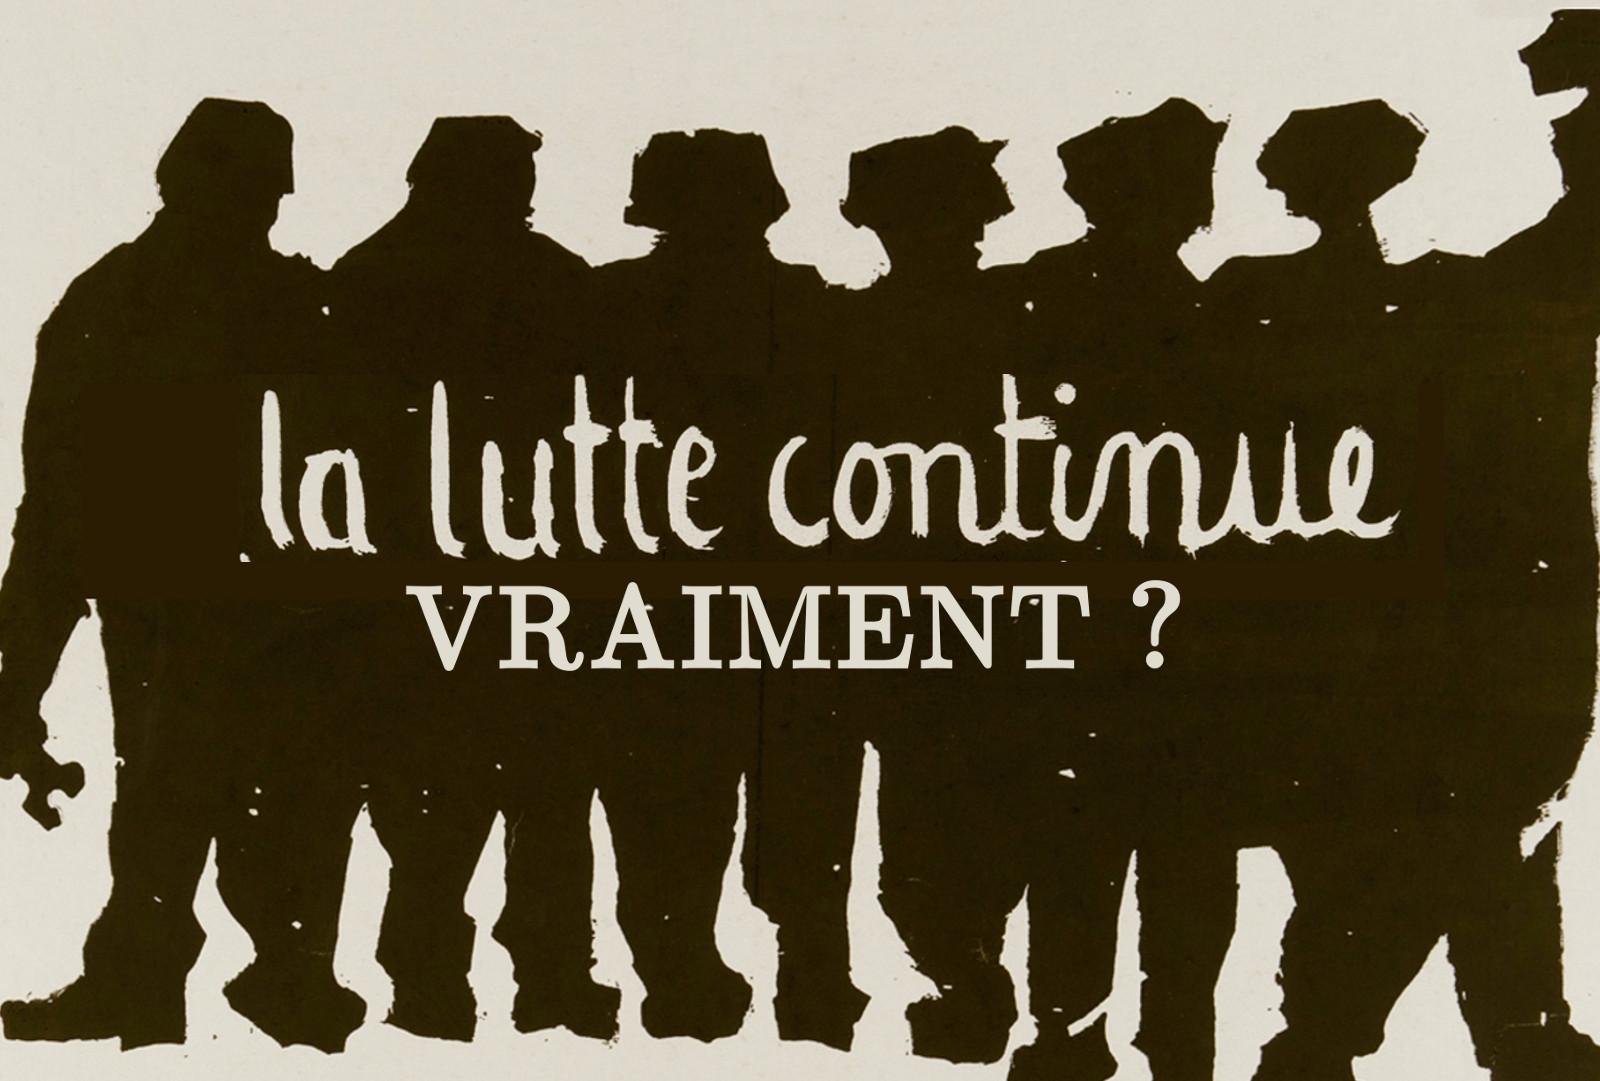 """Réforme de l'université - Affiche de mai 1968 retouchée : ajout du texte """"vraiment ?""""."""